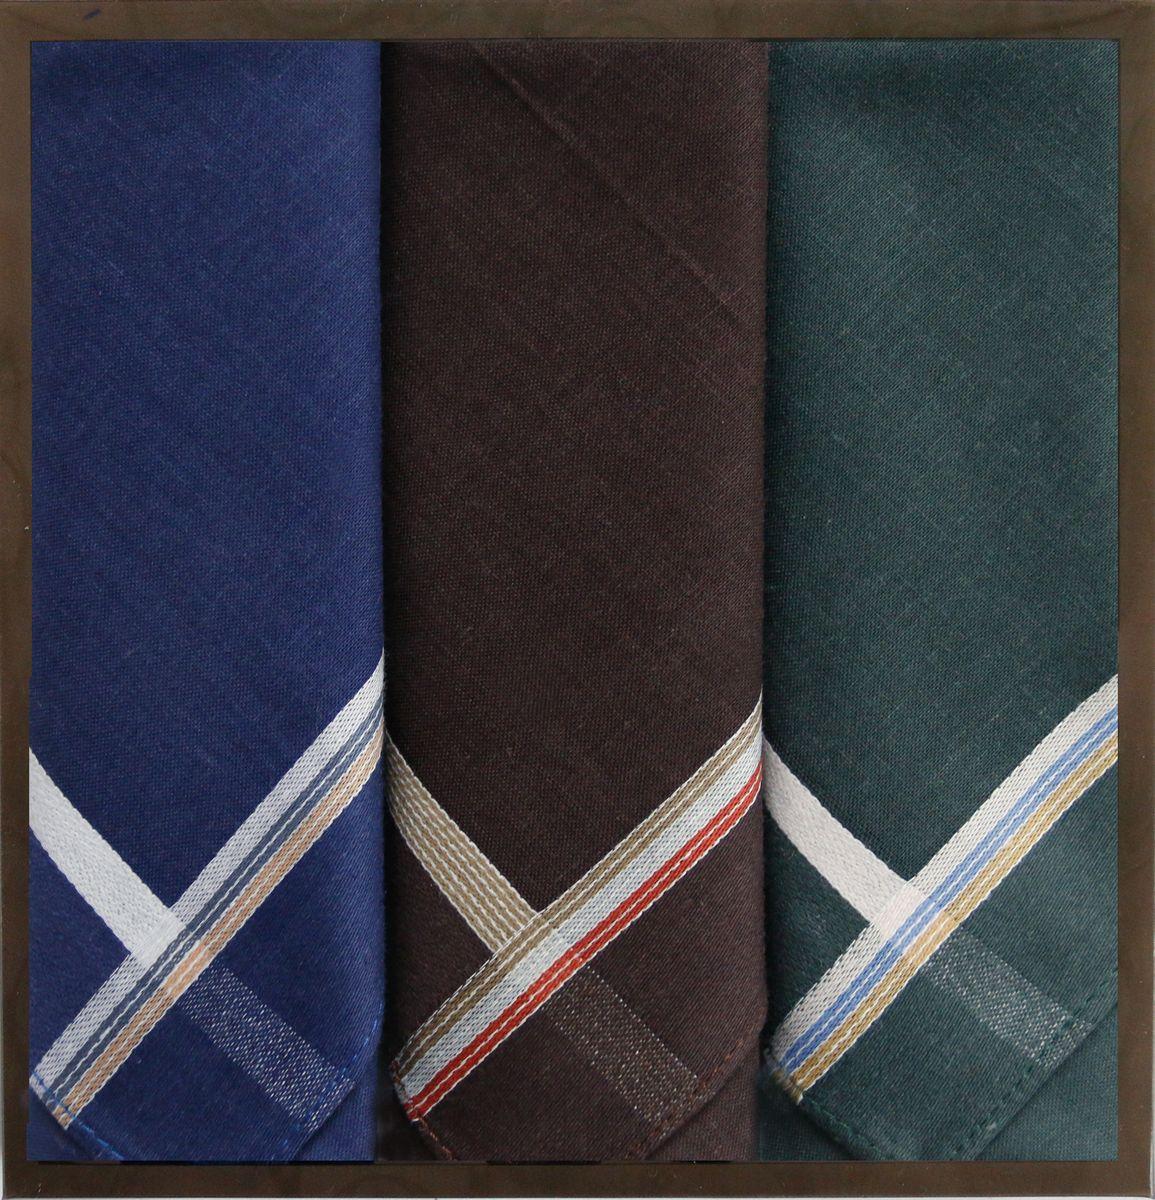 Платок носовой мужской Zlata Korunka, цвет: синий, коричневый, серый, 3 шт. 40315-4. Размер 43 см х 43 см40315-4Мужской носовой платой Zlata Korunka изготовлен из натурального хлопка, приятен в использовании, хорошо стирается, материал не садится и отлично впитывает влагу. Оформлена модель контрастным принтом.